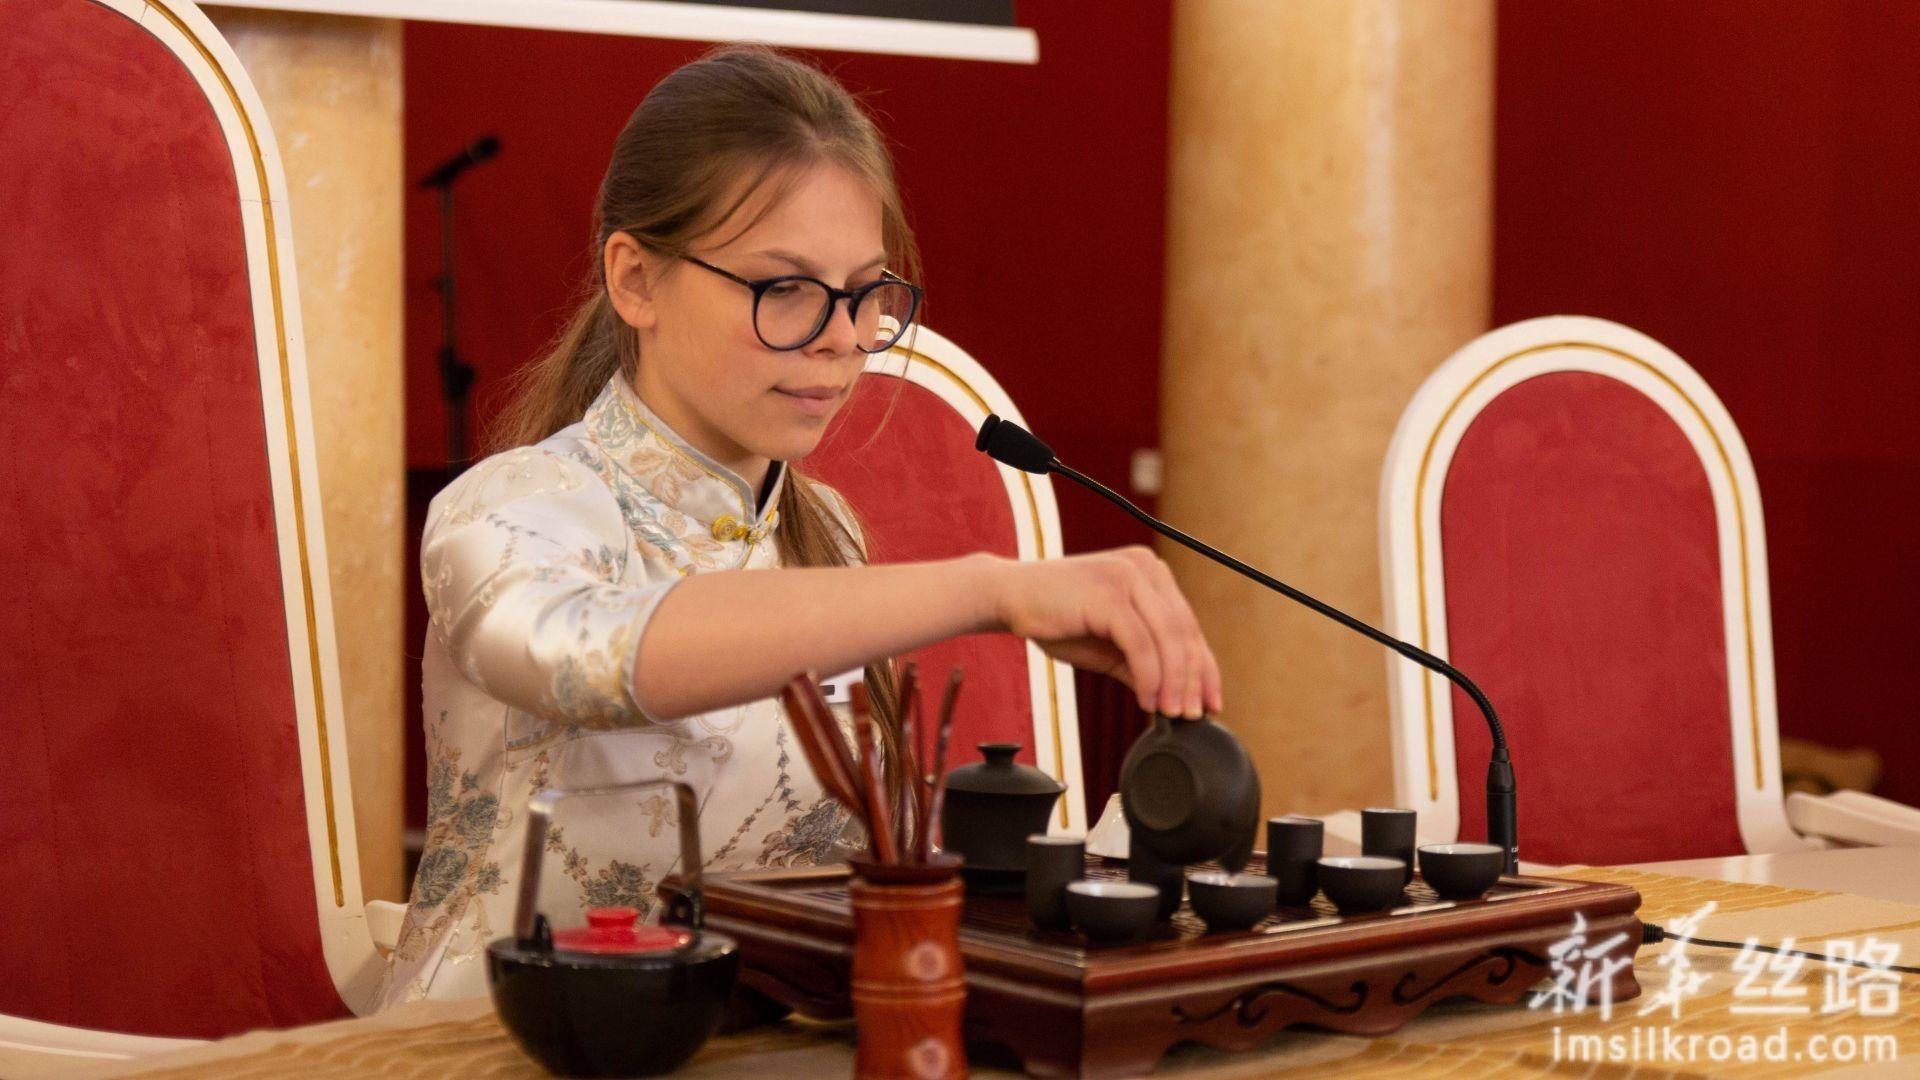 5月4日,在立陶宛首都维尔纽斯,中学生组参赛选手魏迪娜在比赛中表演茶艺。新华社发(斯特凡尼娅摄)